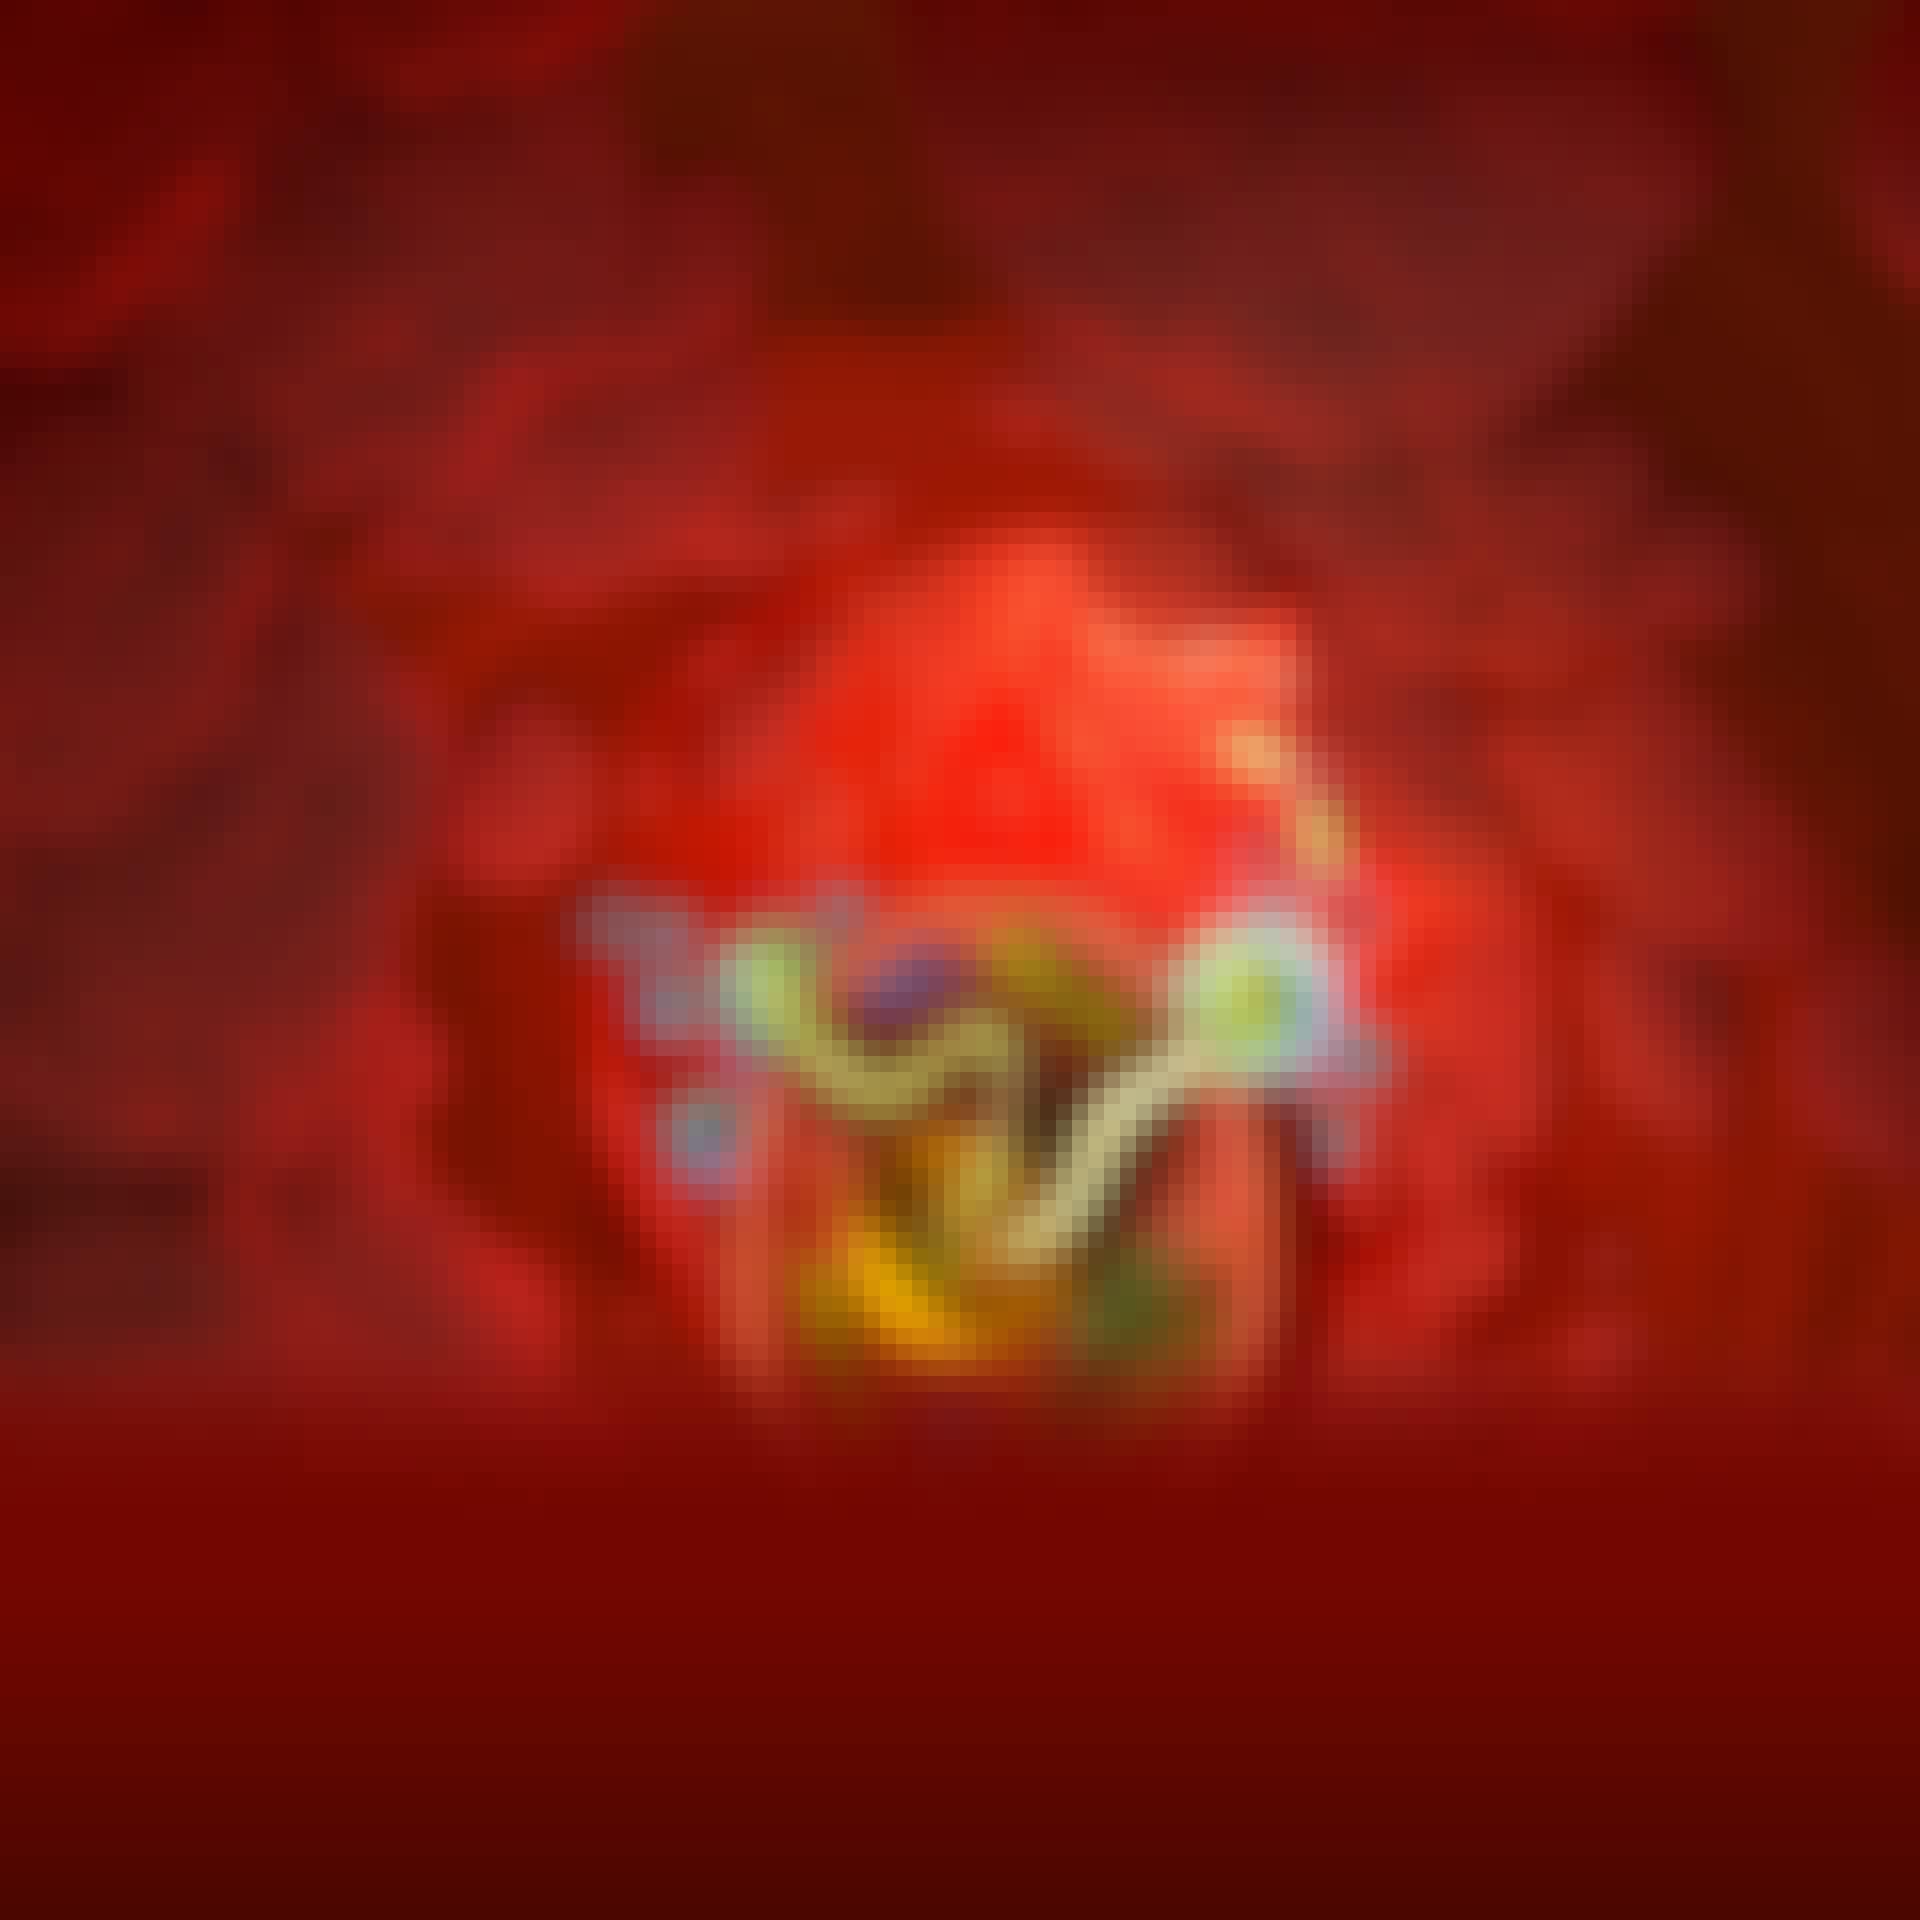 Cellen producerar proteiner som bildar nya versioner av coronaviruset.